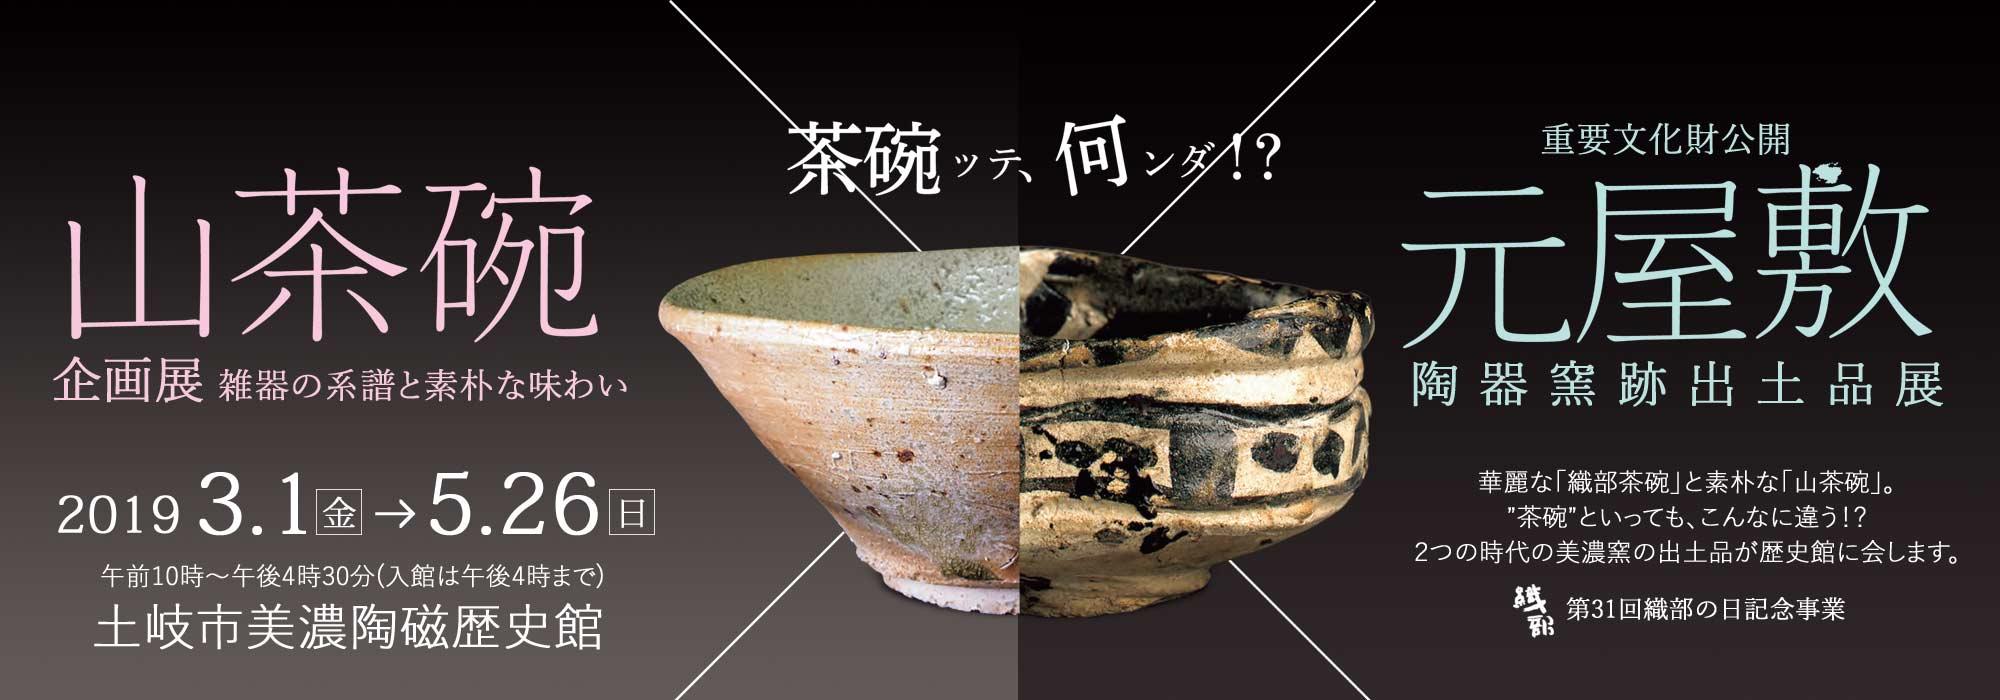 山茶碗 元屋敷陶器窯跡出土品展